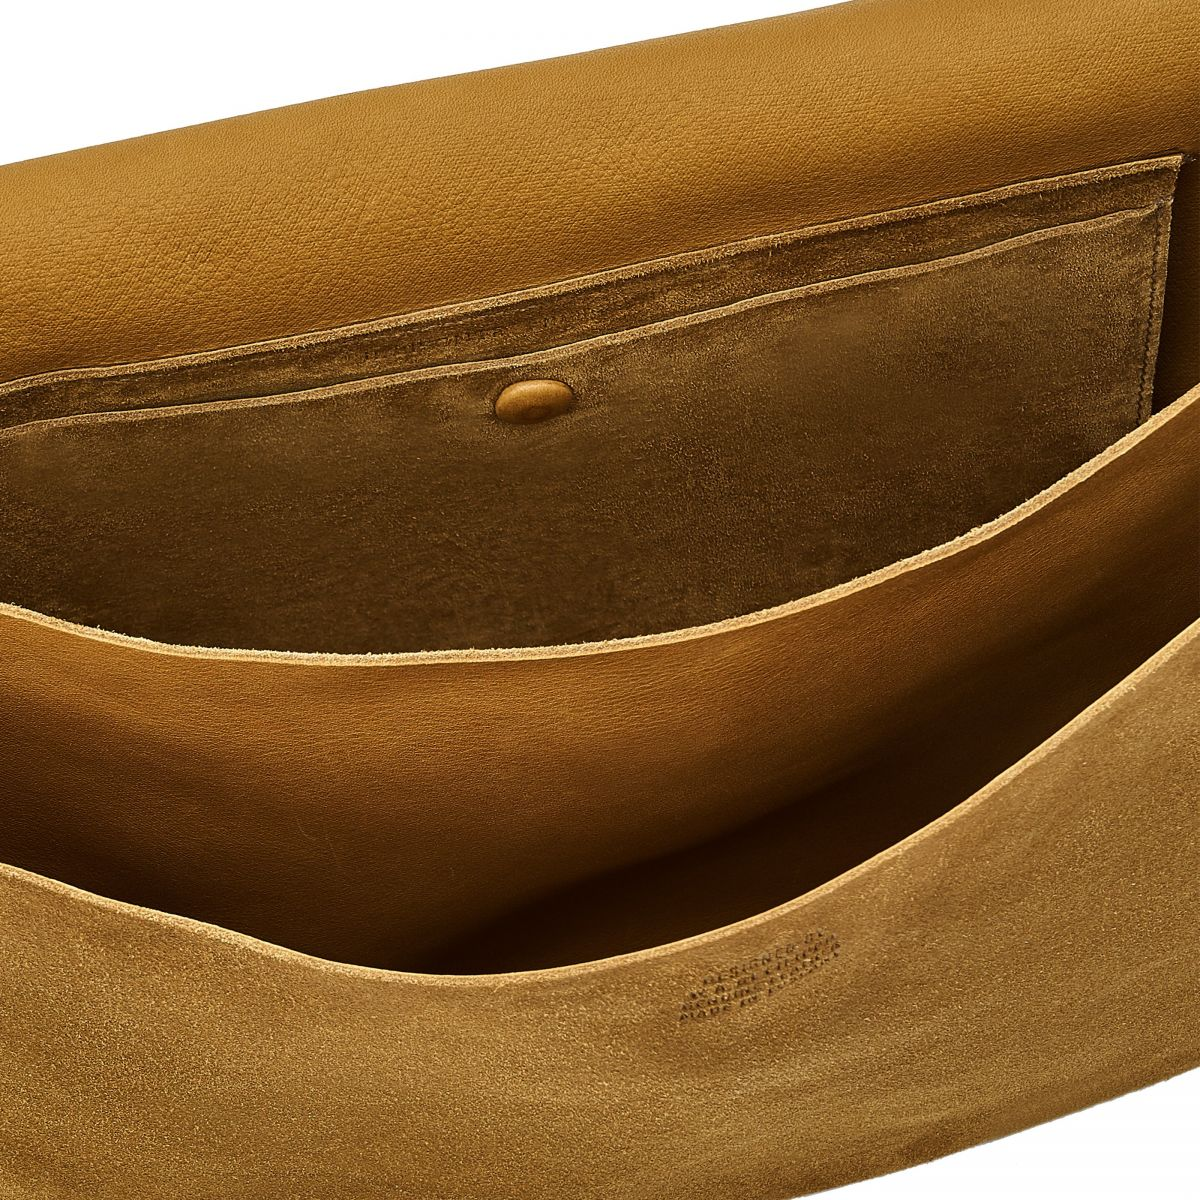 Lucrezia - Women's Shoulder Bag in Reversed Suede color Olive - Tondina line BSH148 | Details